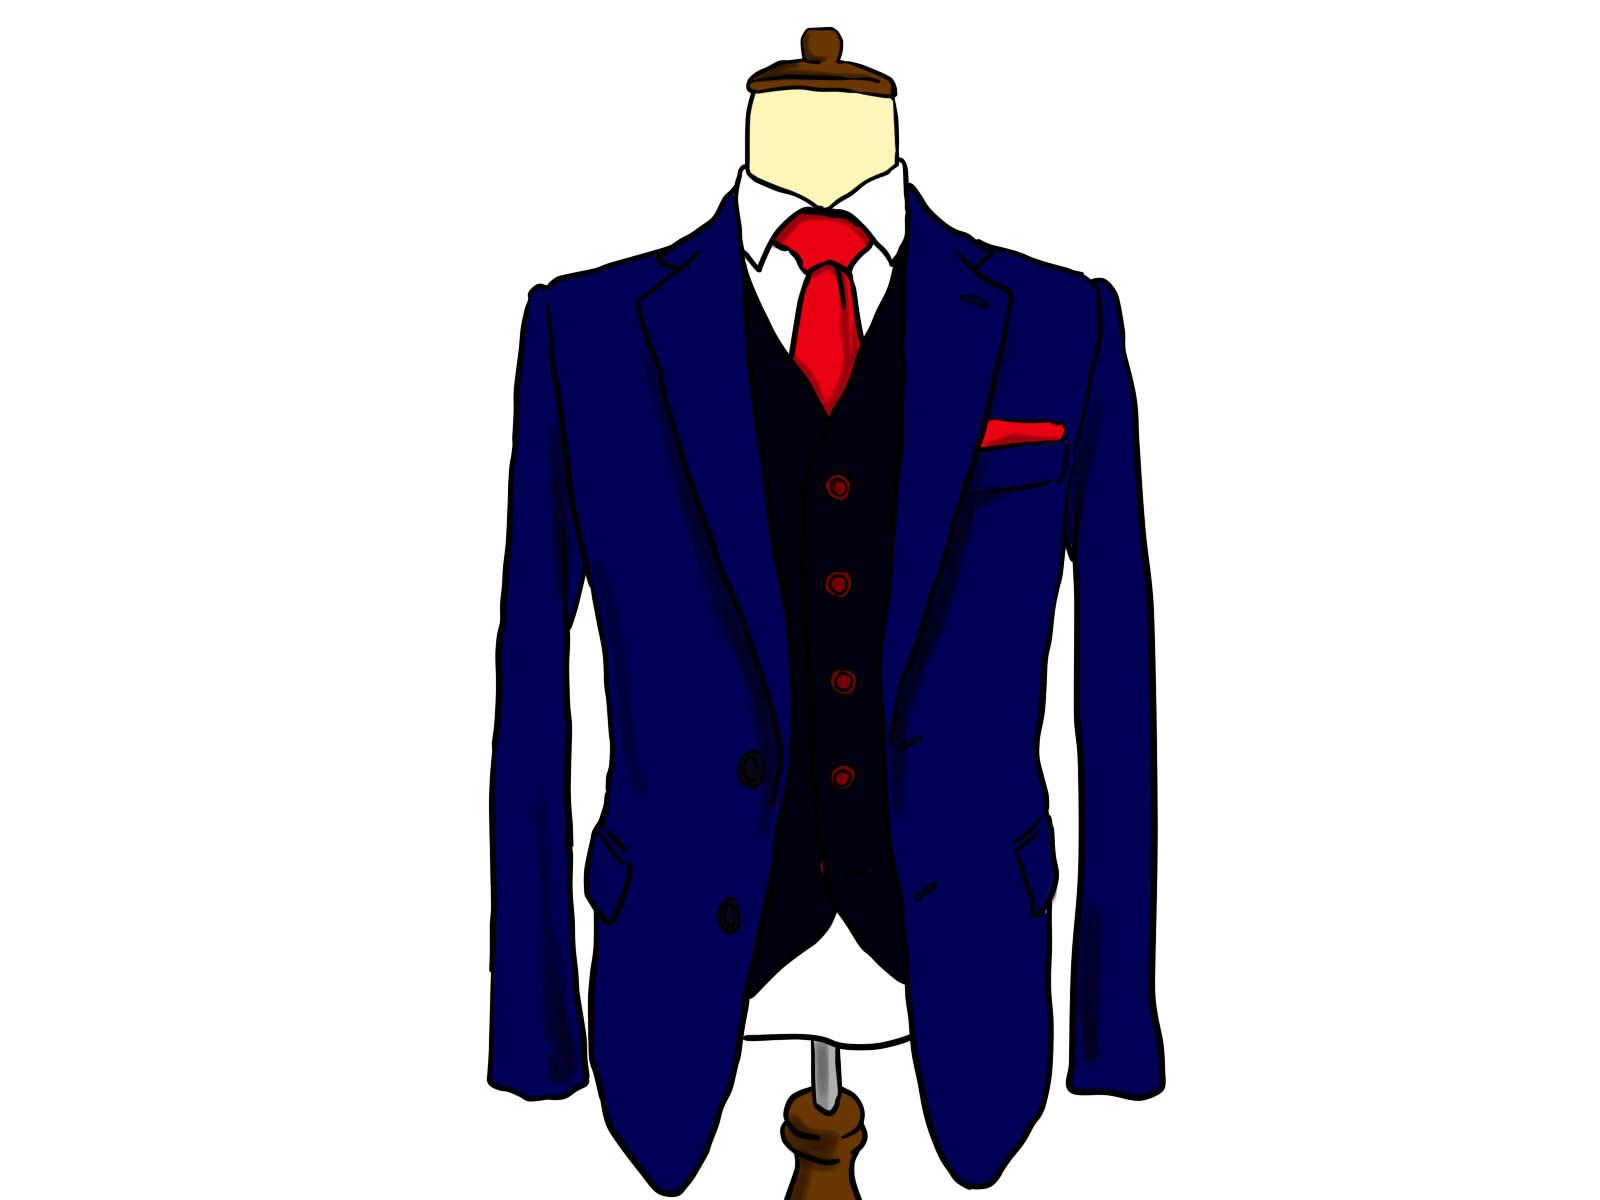 白いシャツに赤いネクタイ、紺のジャケットがマネキンで飾られている